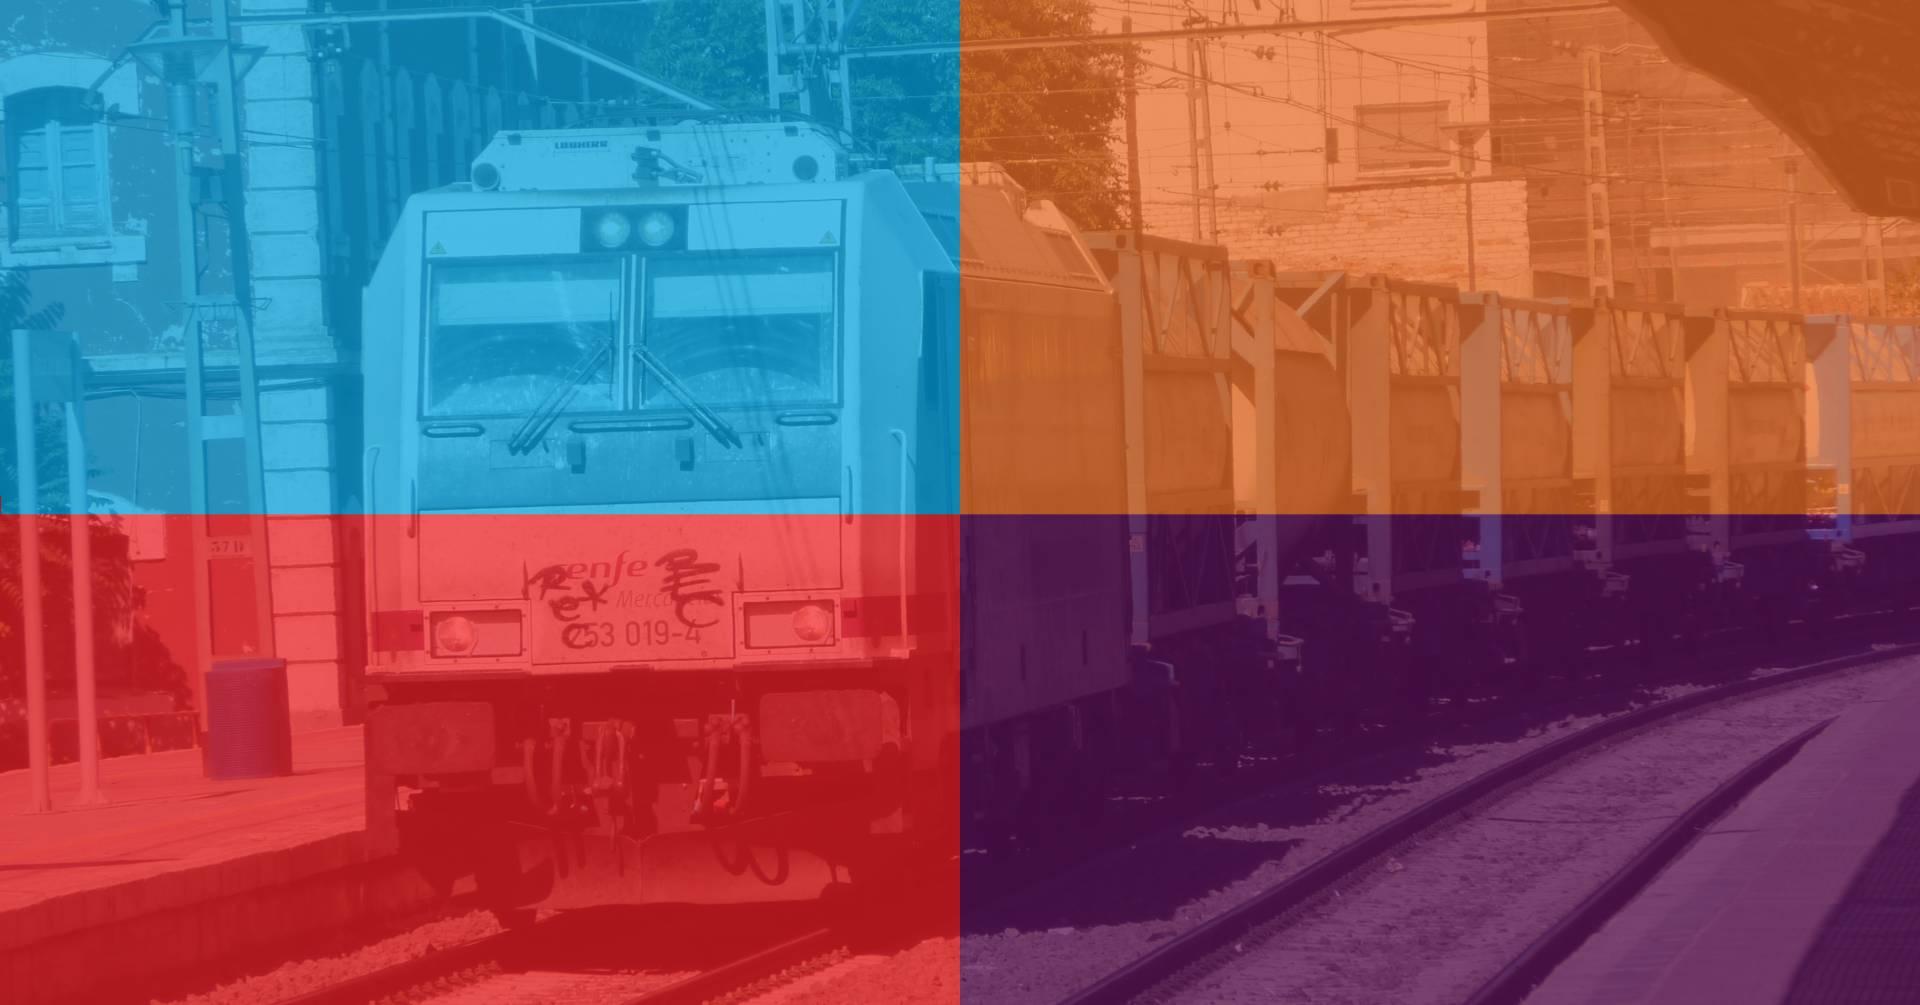 Cada uno de los cuatro principales partidos presentan propuestas ferroviarias algo dispares para las elecciones del 20D. Foto: Miguel Bustos.